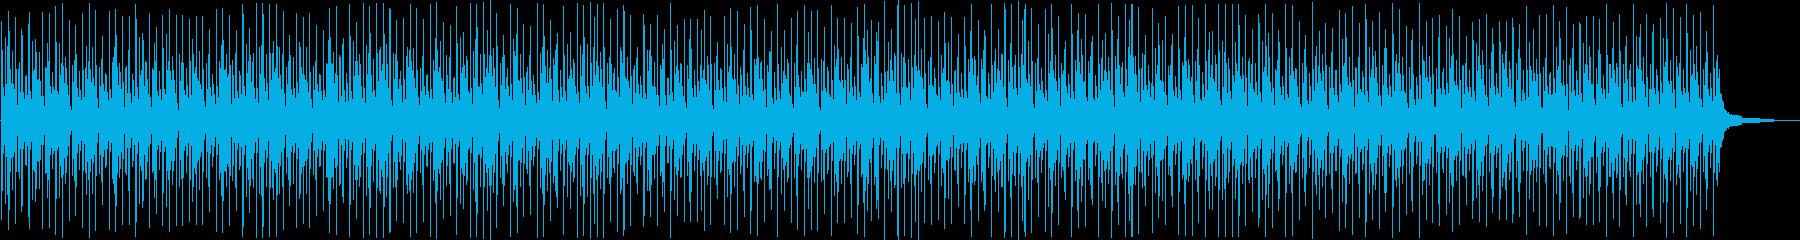 南国の夕日のイメージ曲ストリングス無しの再生済みの波形